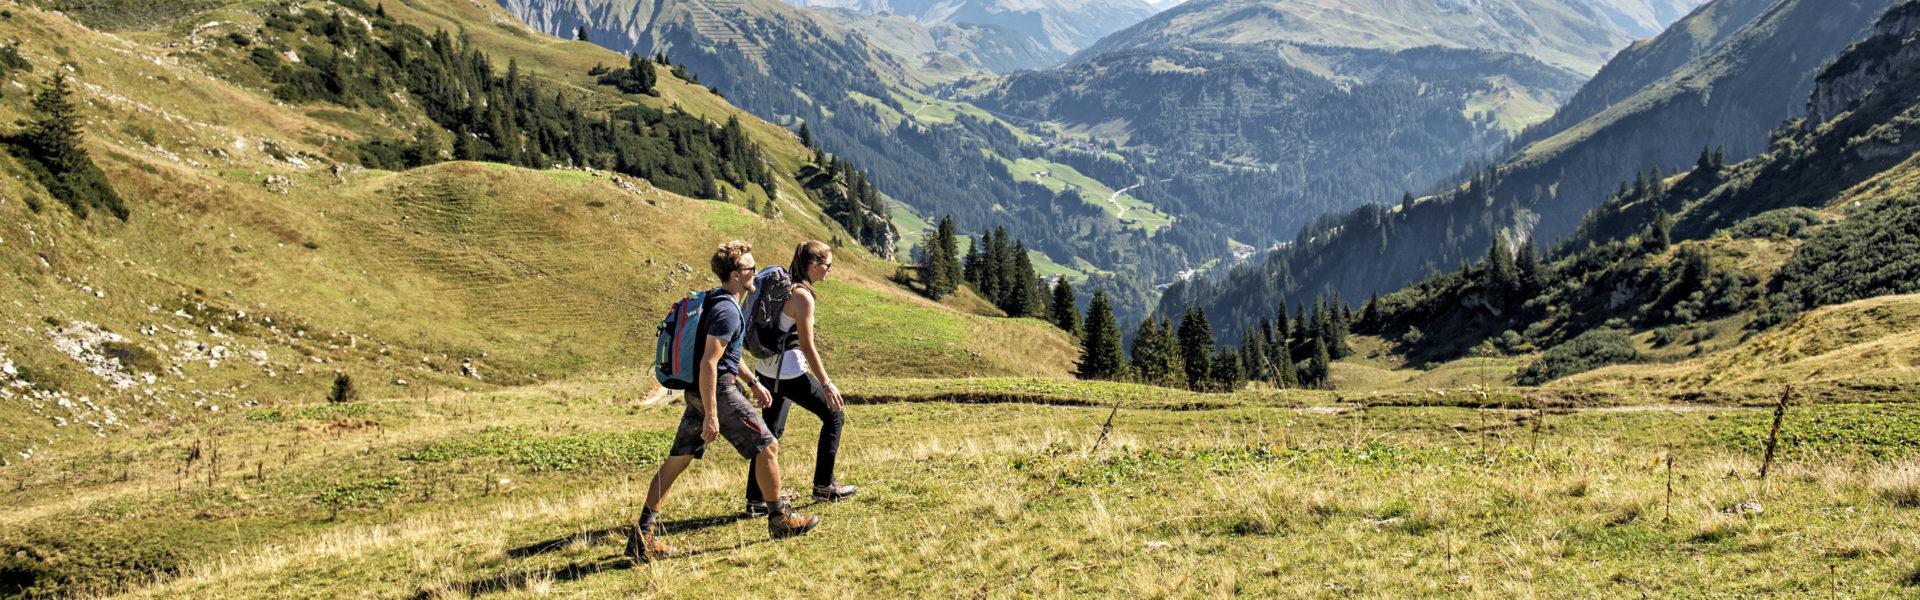 Wandern Schadonagebiet Biberacherhütte © Johannes Fink / Bregenzerwald Tourismus